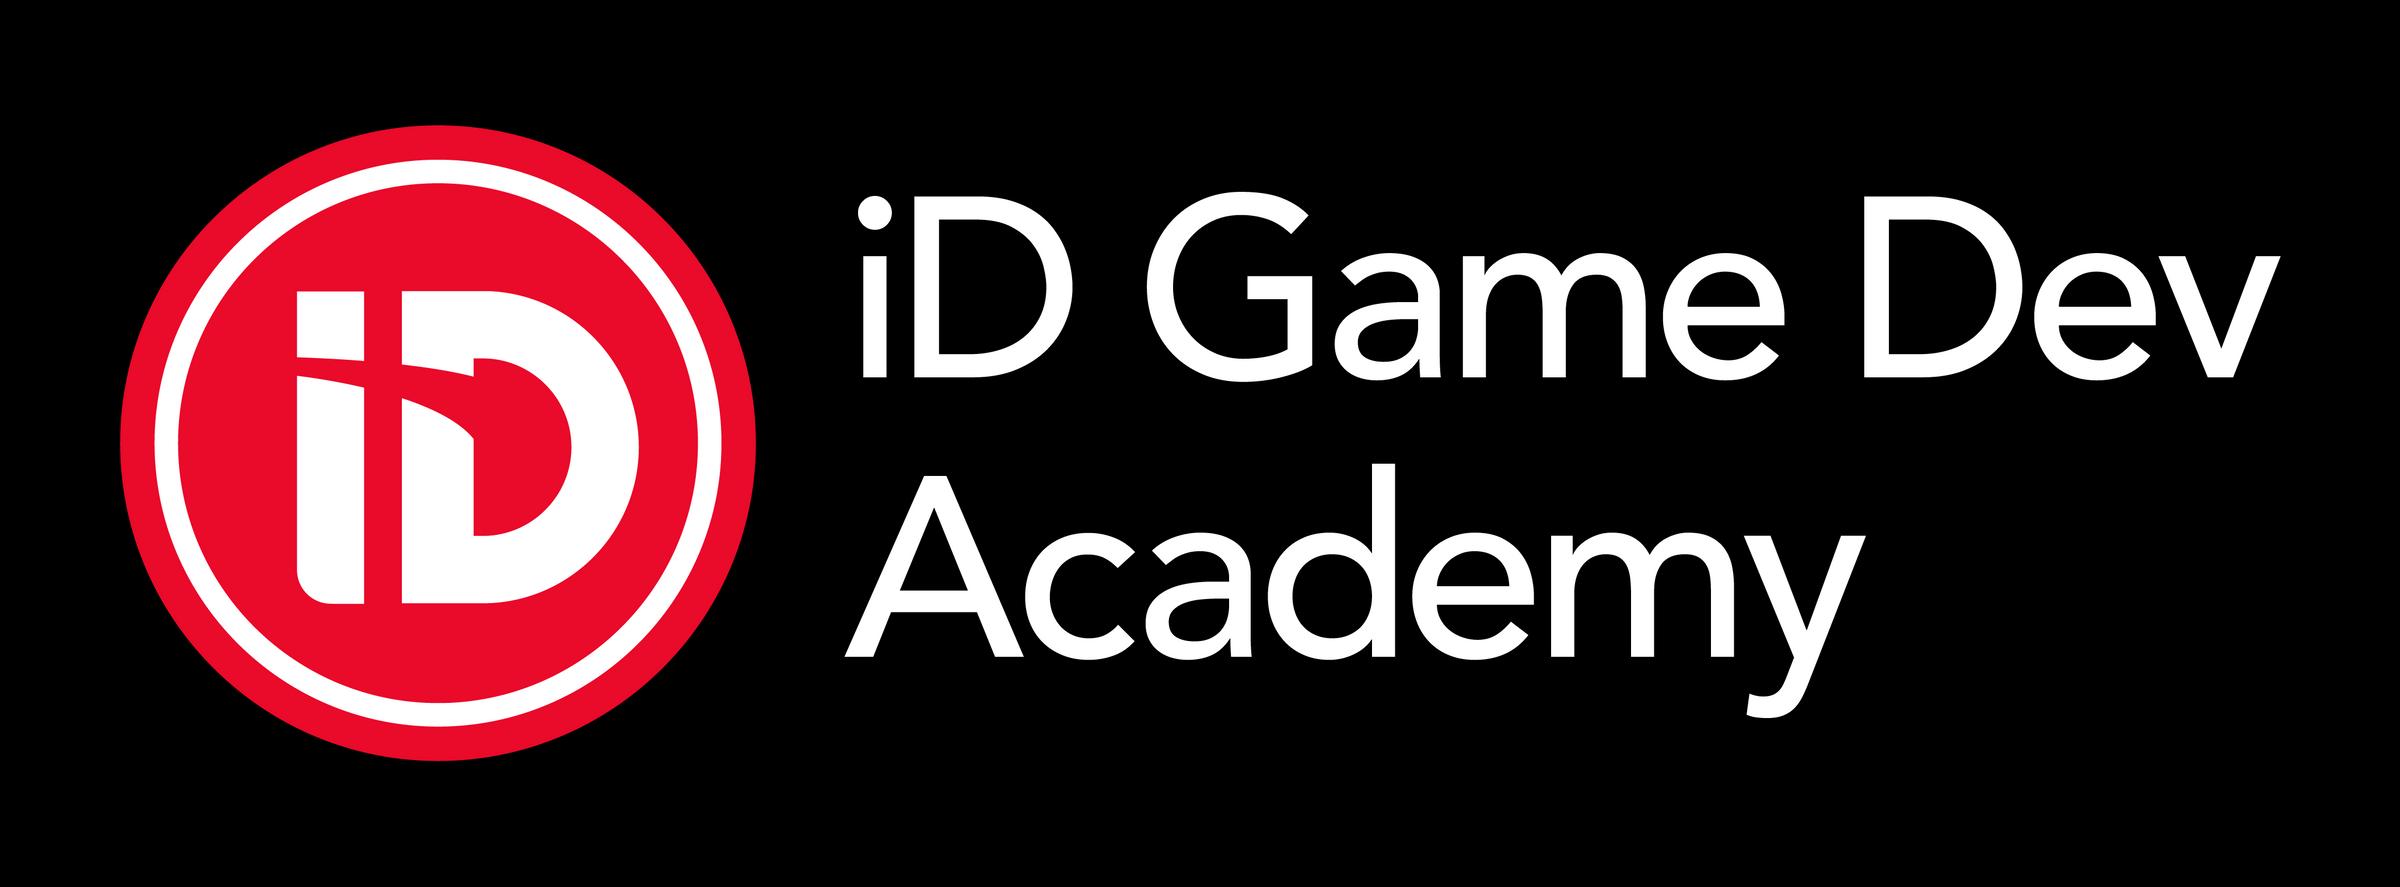 iD Game Dev Academy for Teens - Held at Vanderbilt University